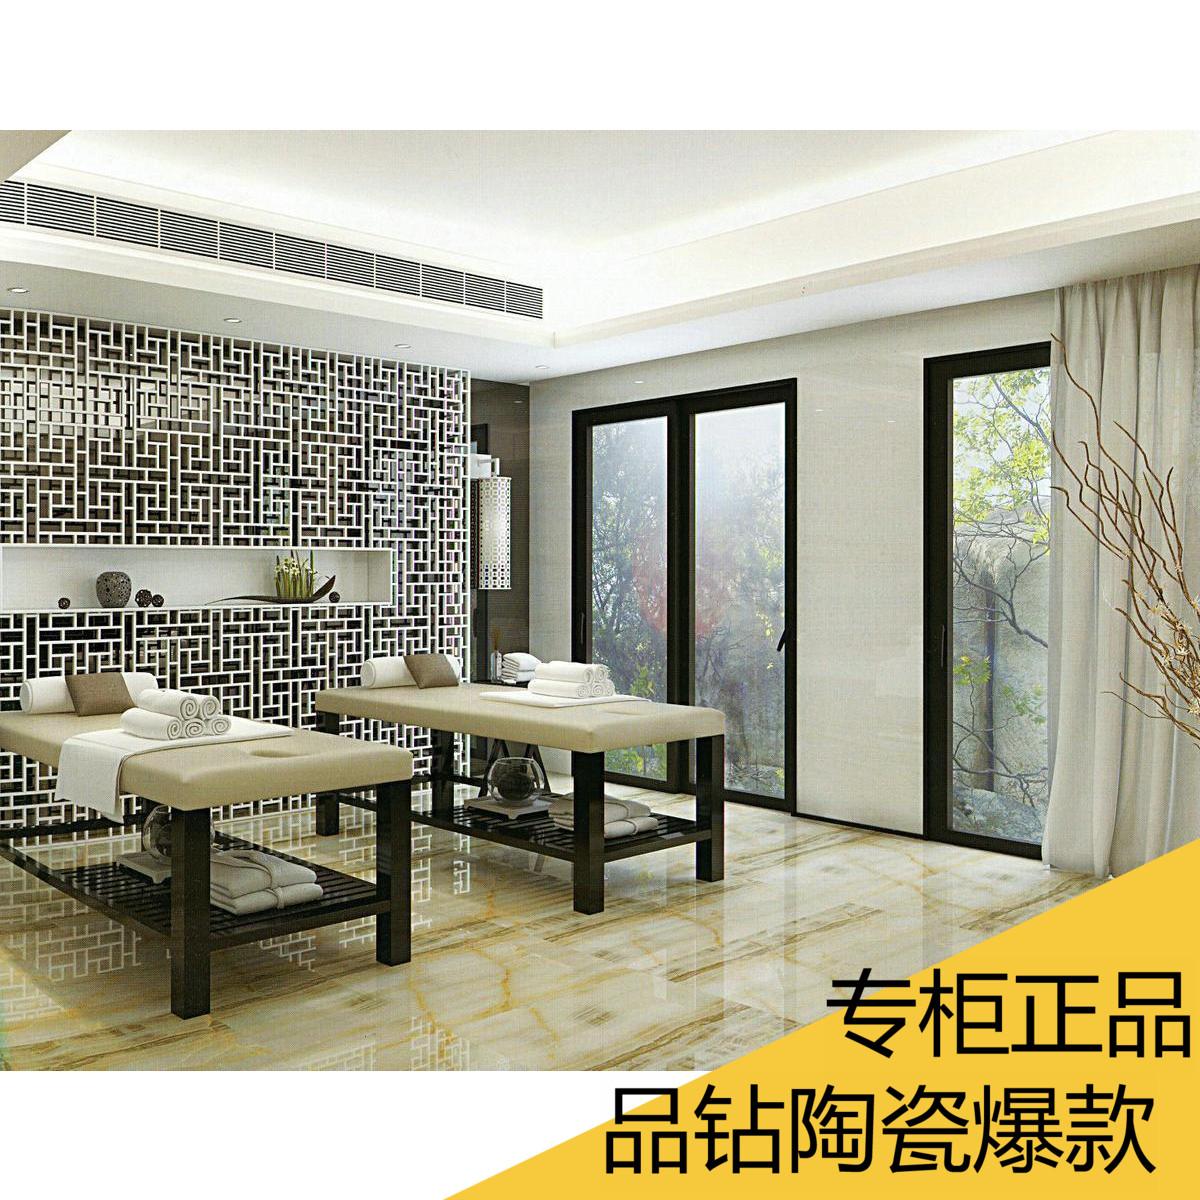 ARROW佛山箭牌瓷砖 全抛釉客厅砖 脂纹玉 ACS216080P/ ACS216126P